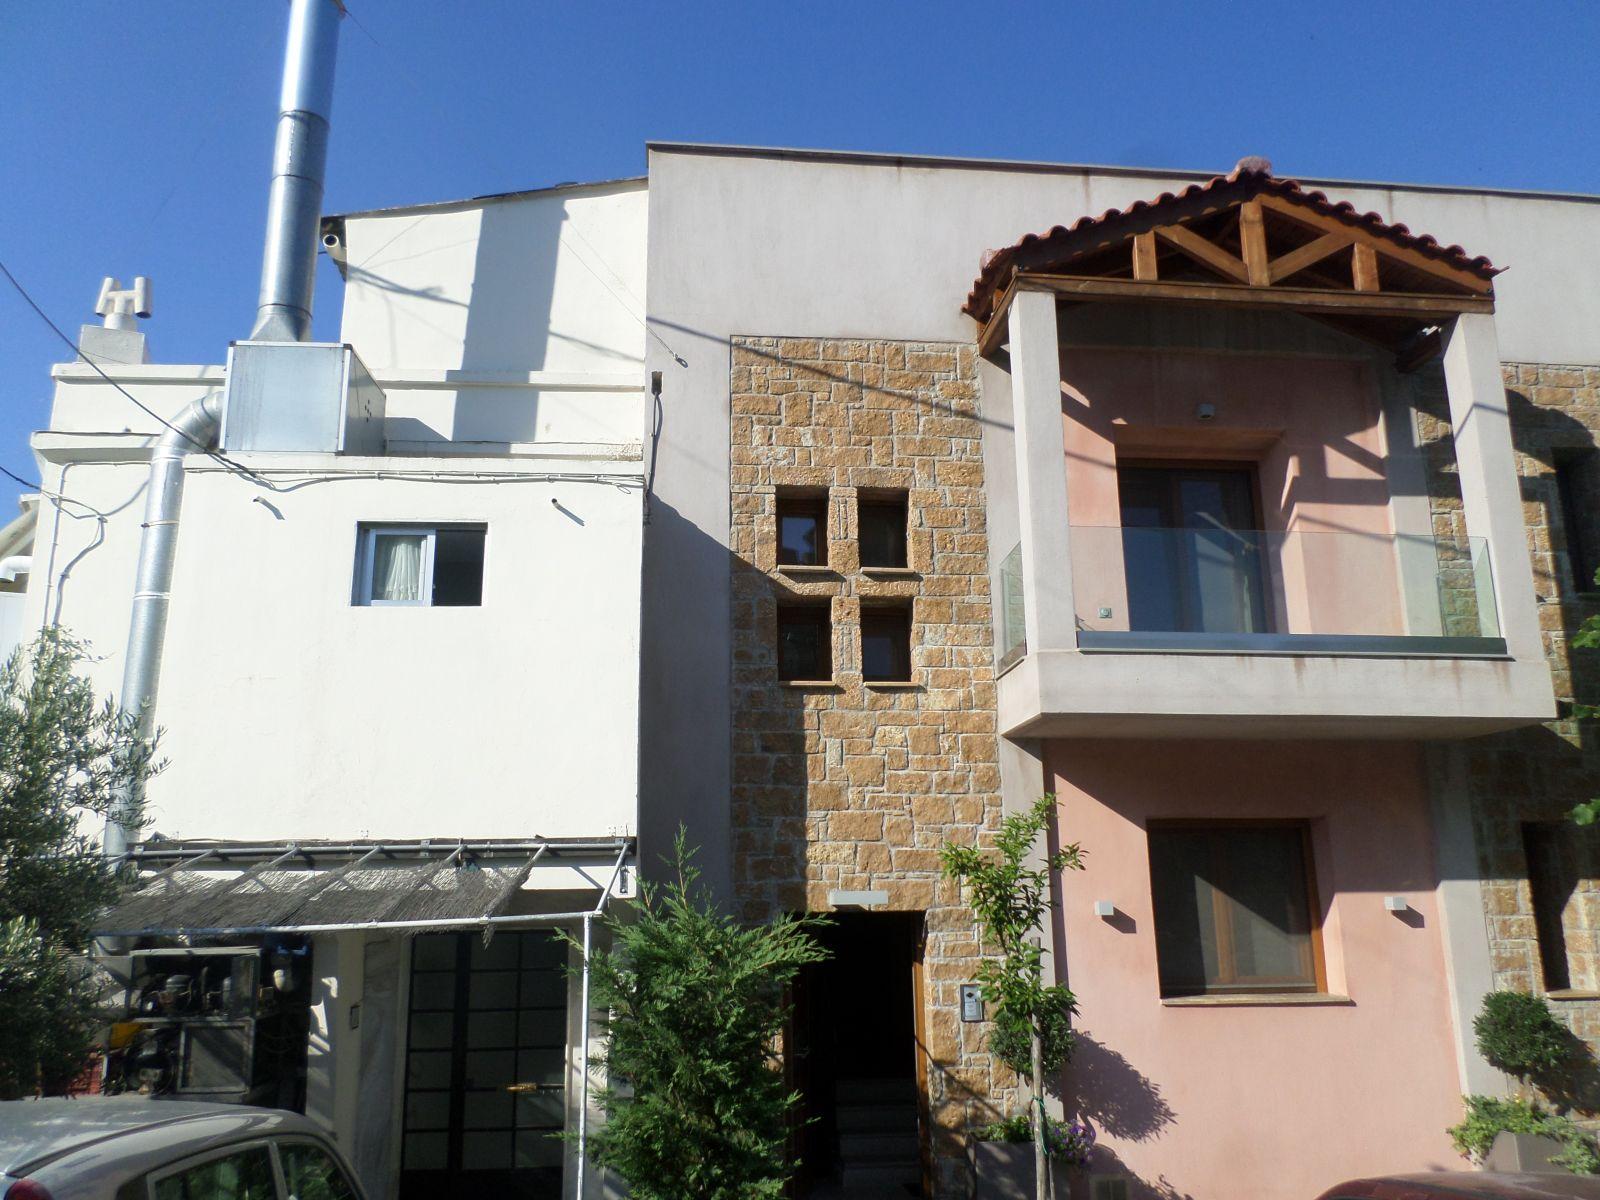 Εξωτερική θερμοπρόσοψη με θερμοσοβά Tektoterm σε ιδιωτική κατοικία στην Άνω Πόλη Θεσσαλονίκης. Πάχος εφαρμογής 18-20cm